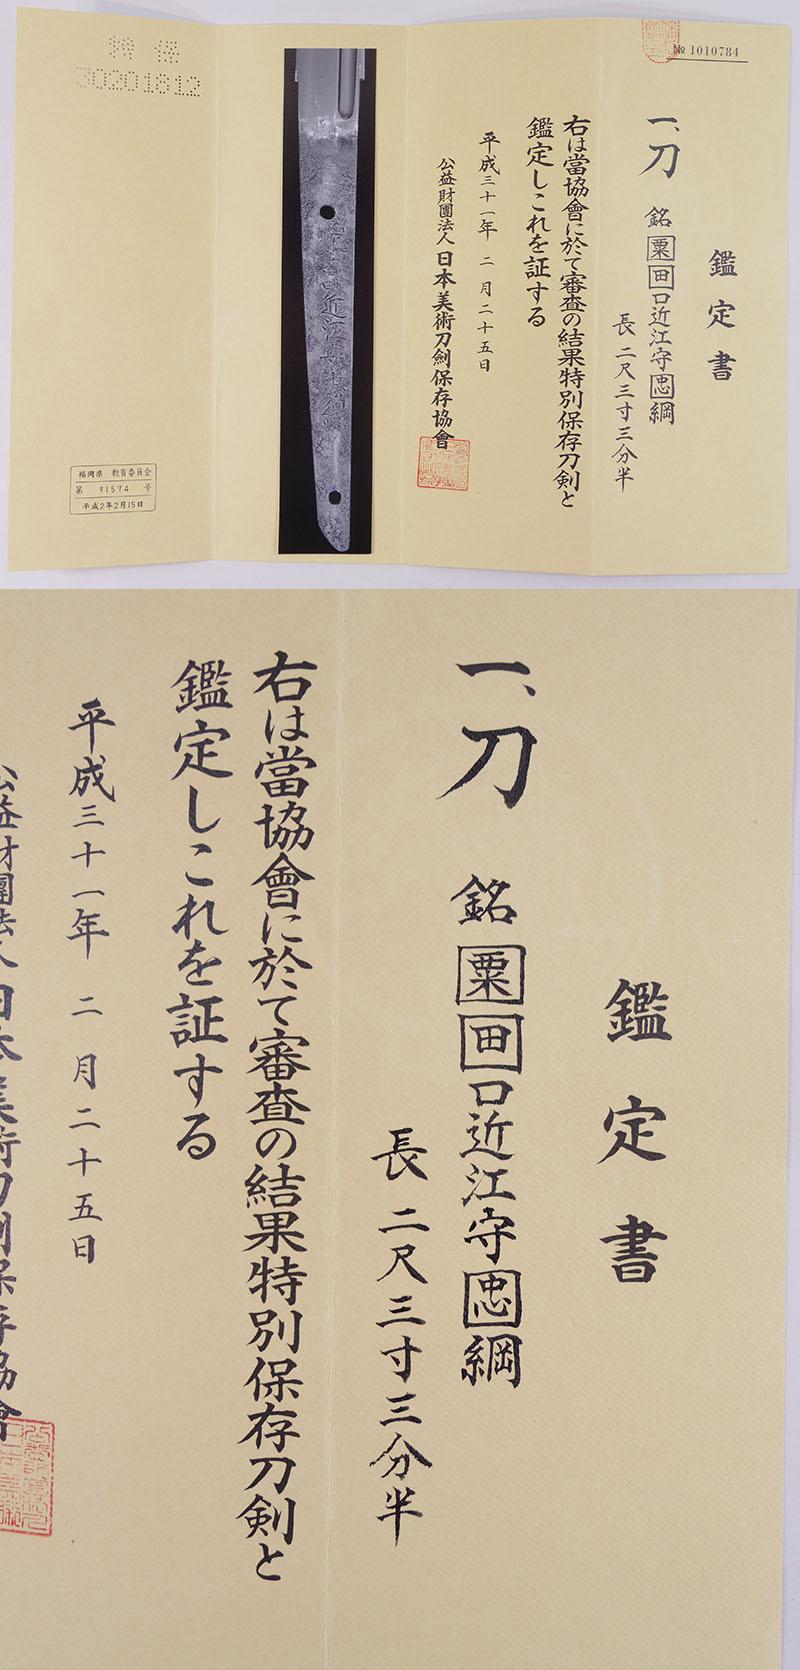 刀 粟田口近江守忠綱(新刀上々作)(業物) Picture of Certificate